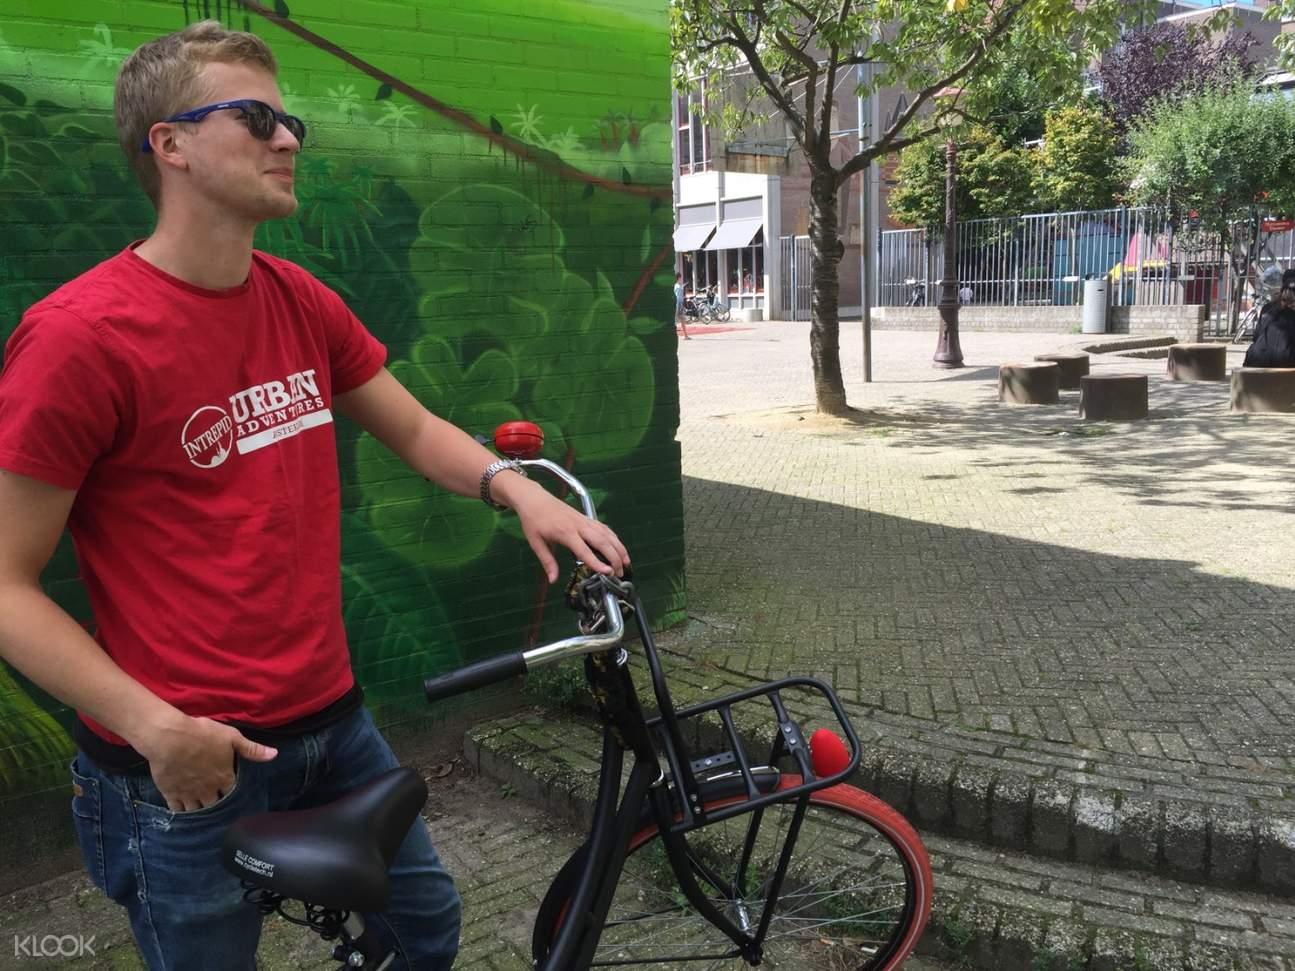 阿姆斯特丹自行車,阿姆斯特丹腳踏車,阿姆斯特丹啤酒,阿姆斯特丹旅遊,阿姆斯特丹自行車之旅